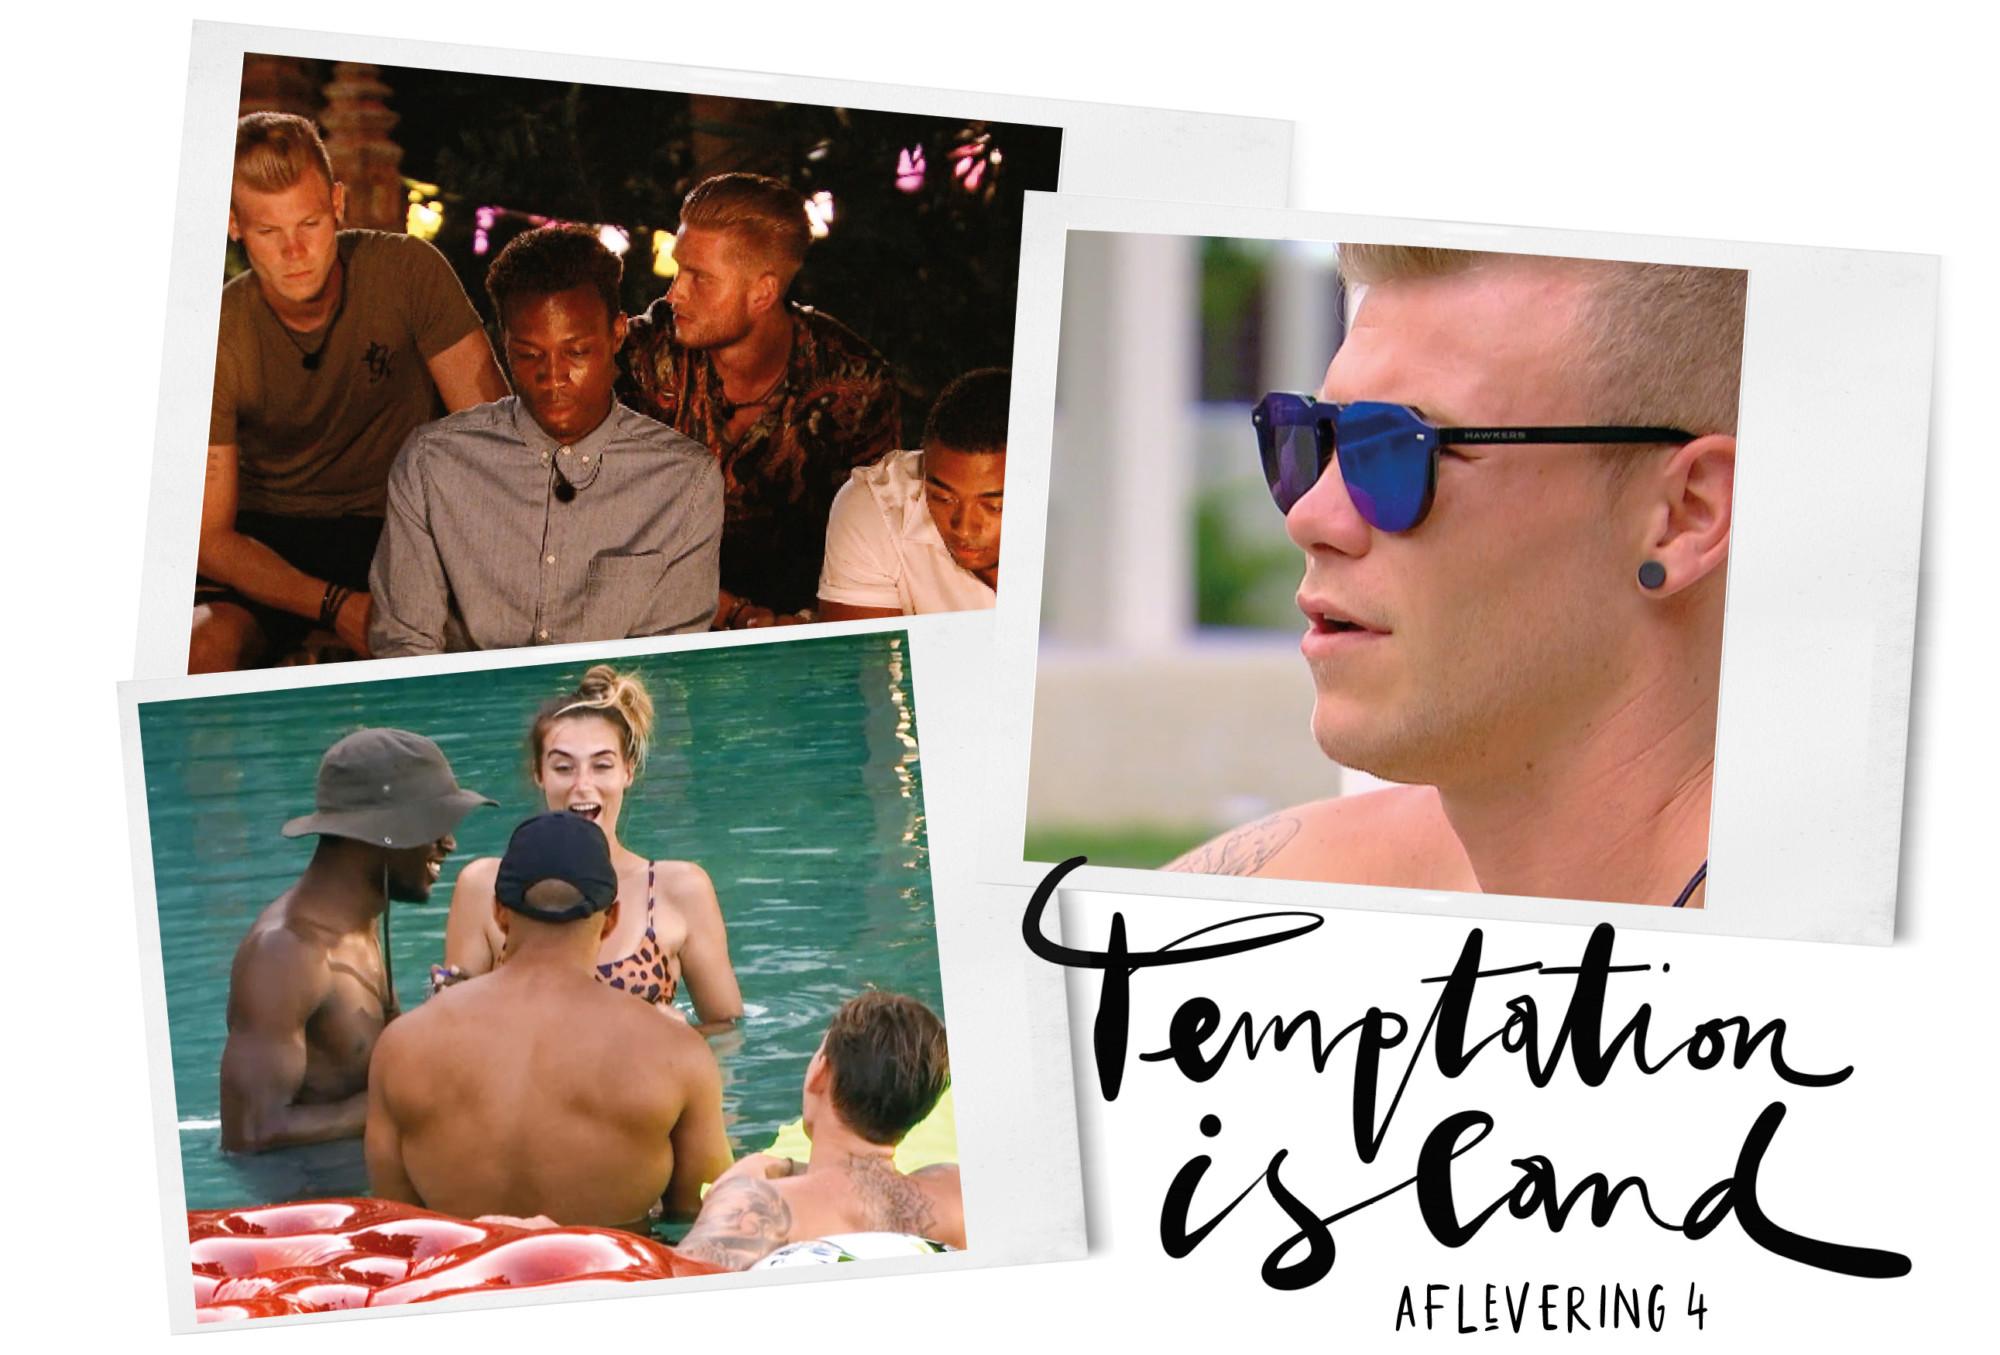 temptation island brabbels beelden uit de aflevering van de kandidaten